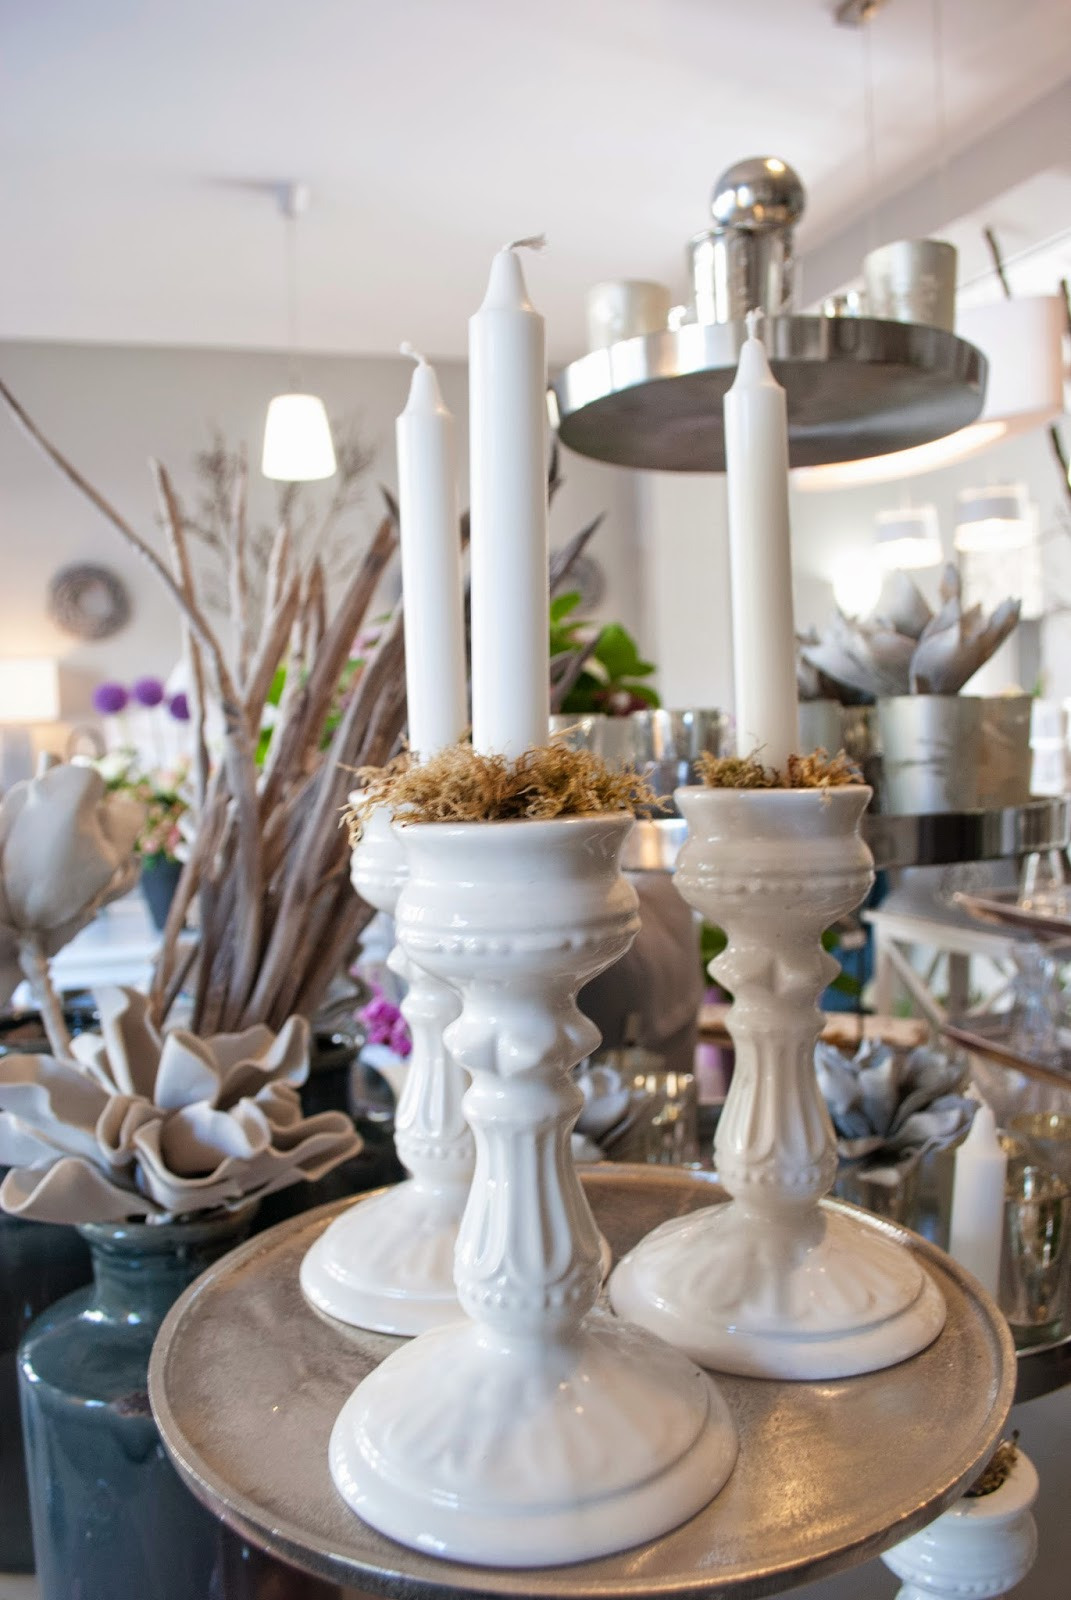 Minga-Liebe: Vergiss Mein Nicht München Minga Munich Blumen Blumenladen Dekoration Interior Interieur Schwabing Inneneinrichtung Schnittblumen Hupsis Serendipity